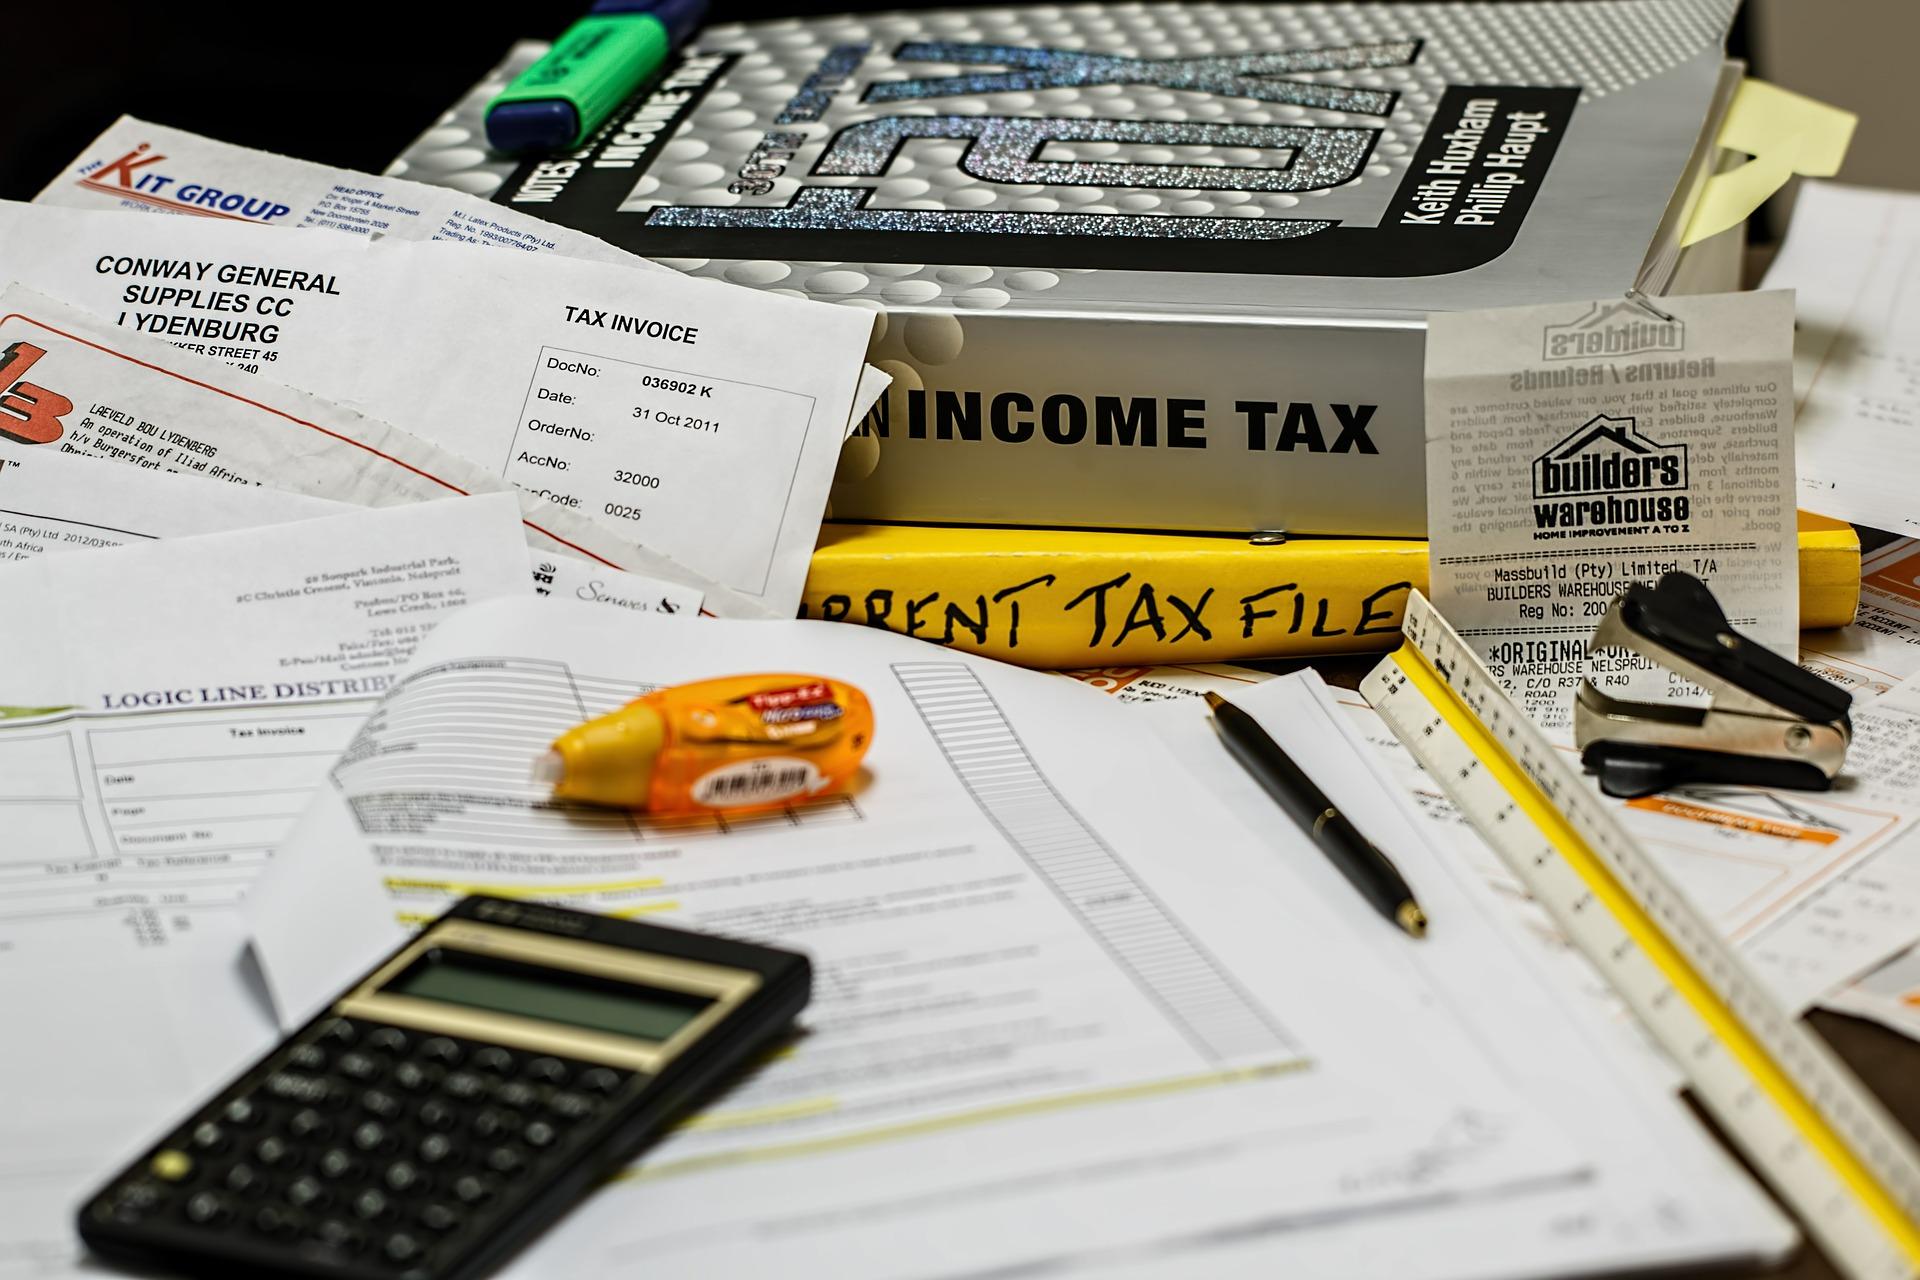 東南アジア諸国で課税強化!進出している日本企業は警戒